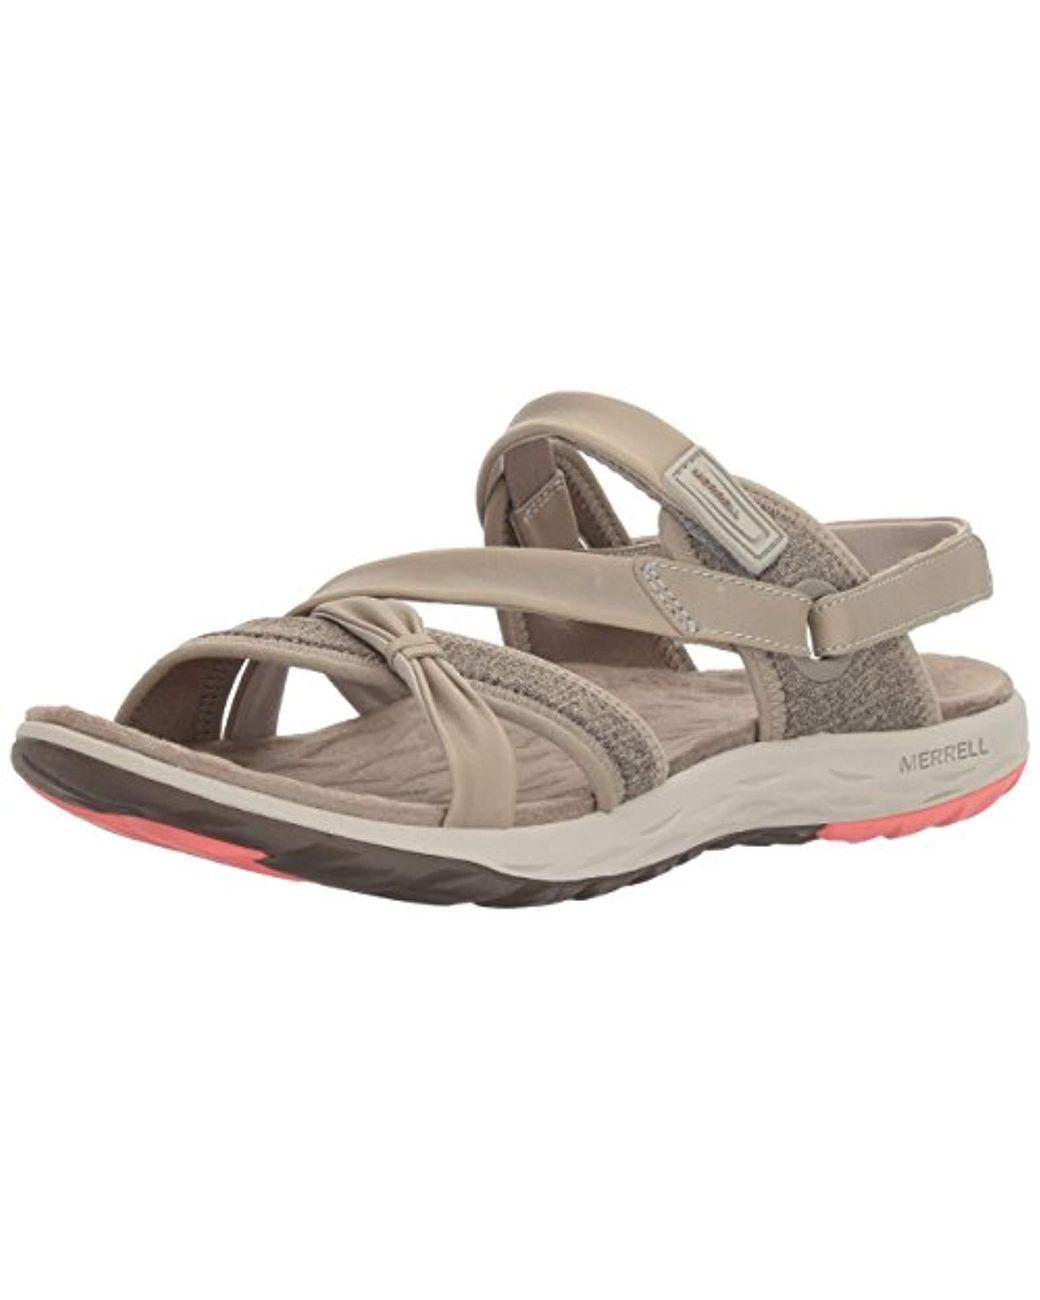 cc63c6d7346a Merrell  s Vesper Lattice Flat Sandals in Gray - Lyst